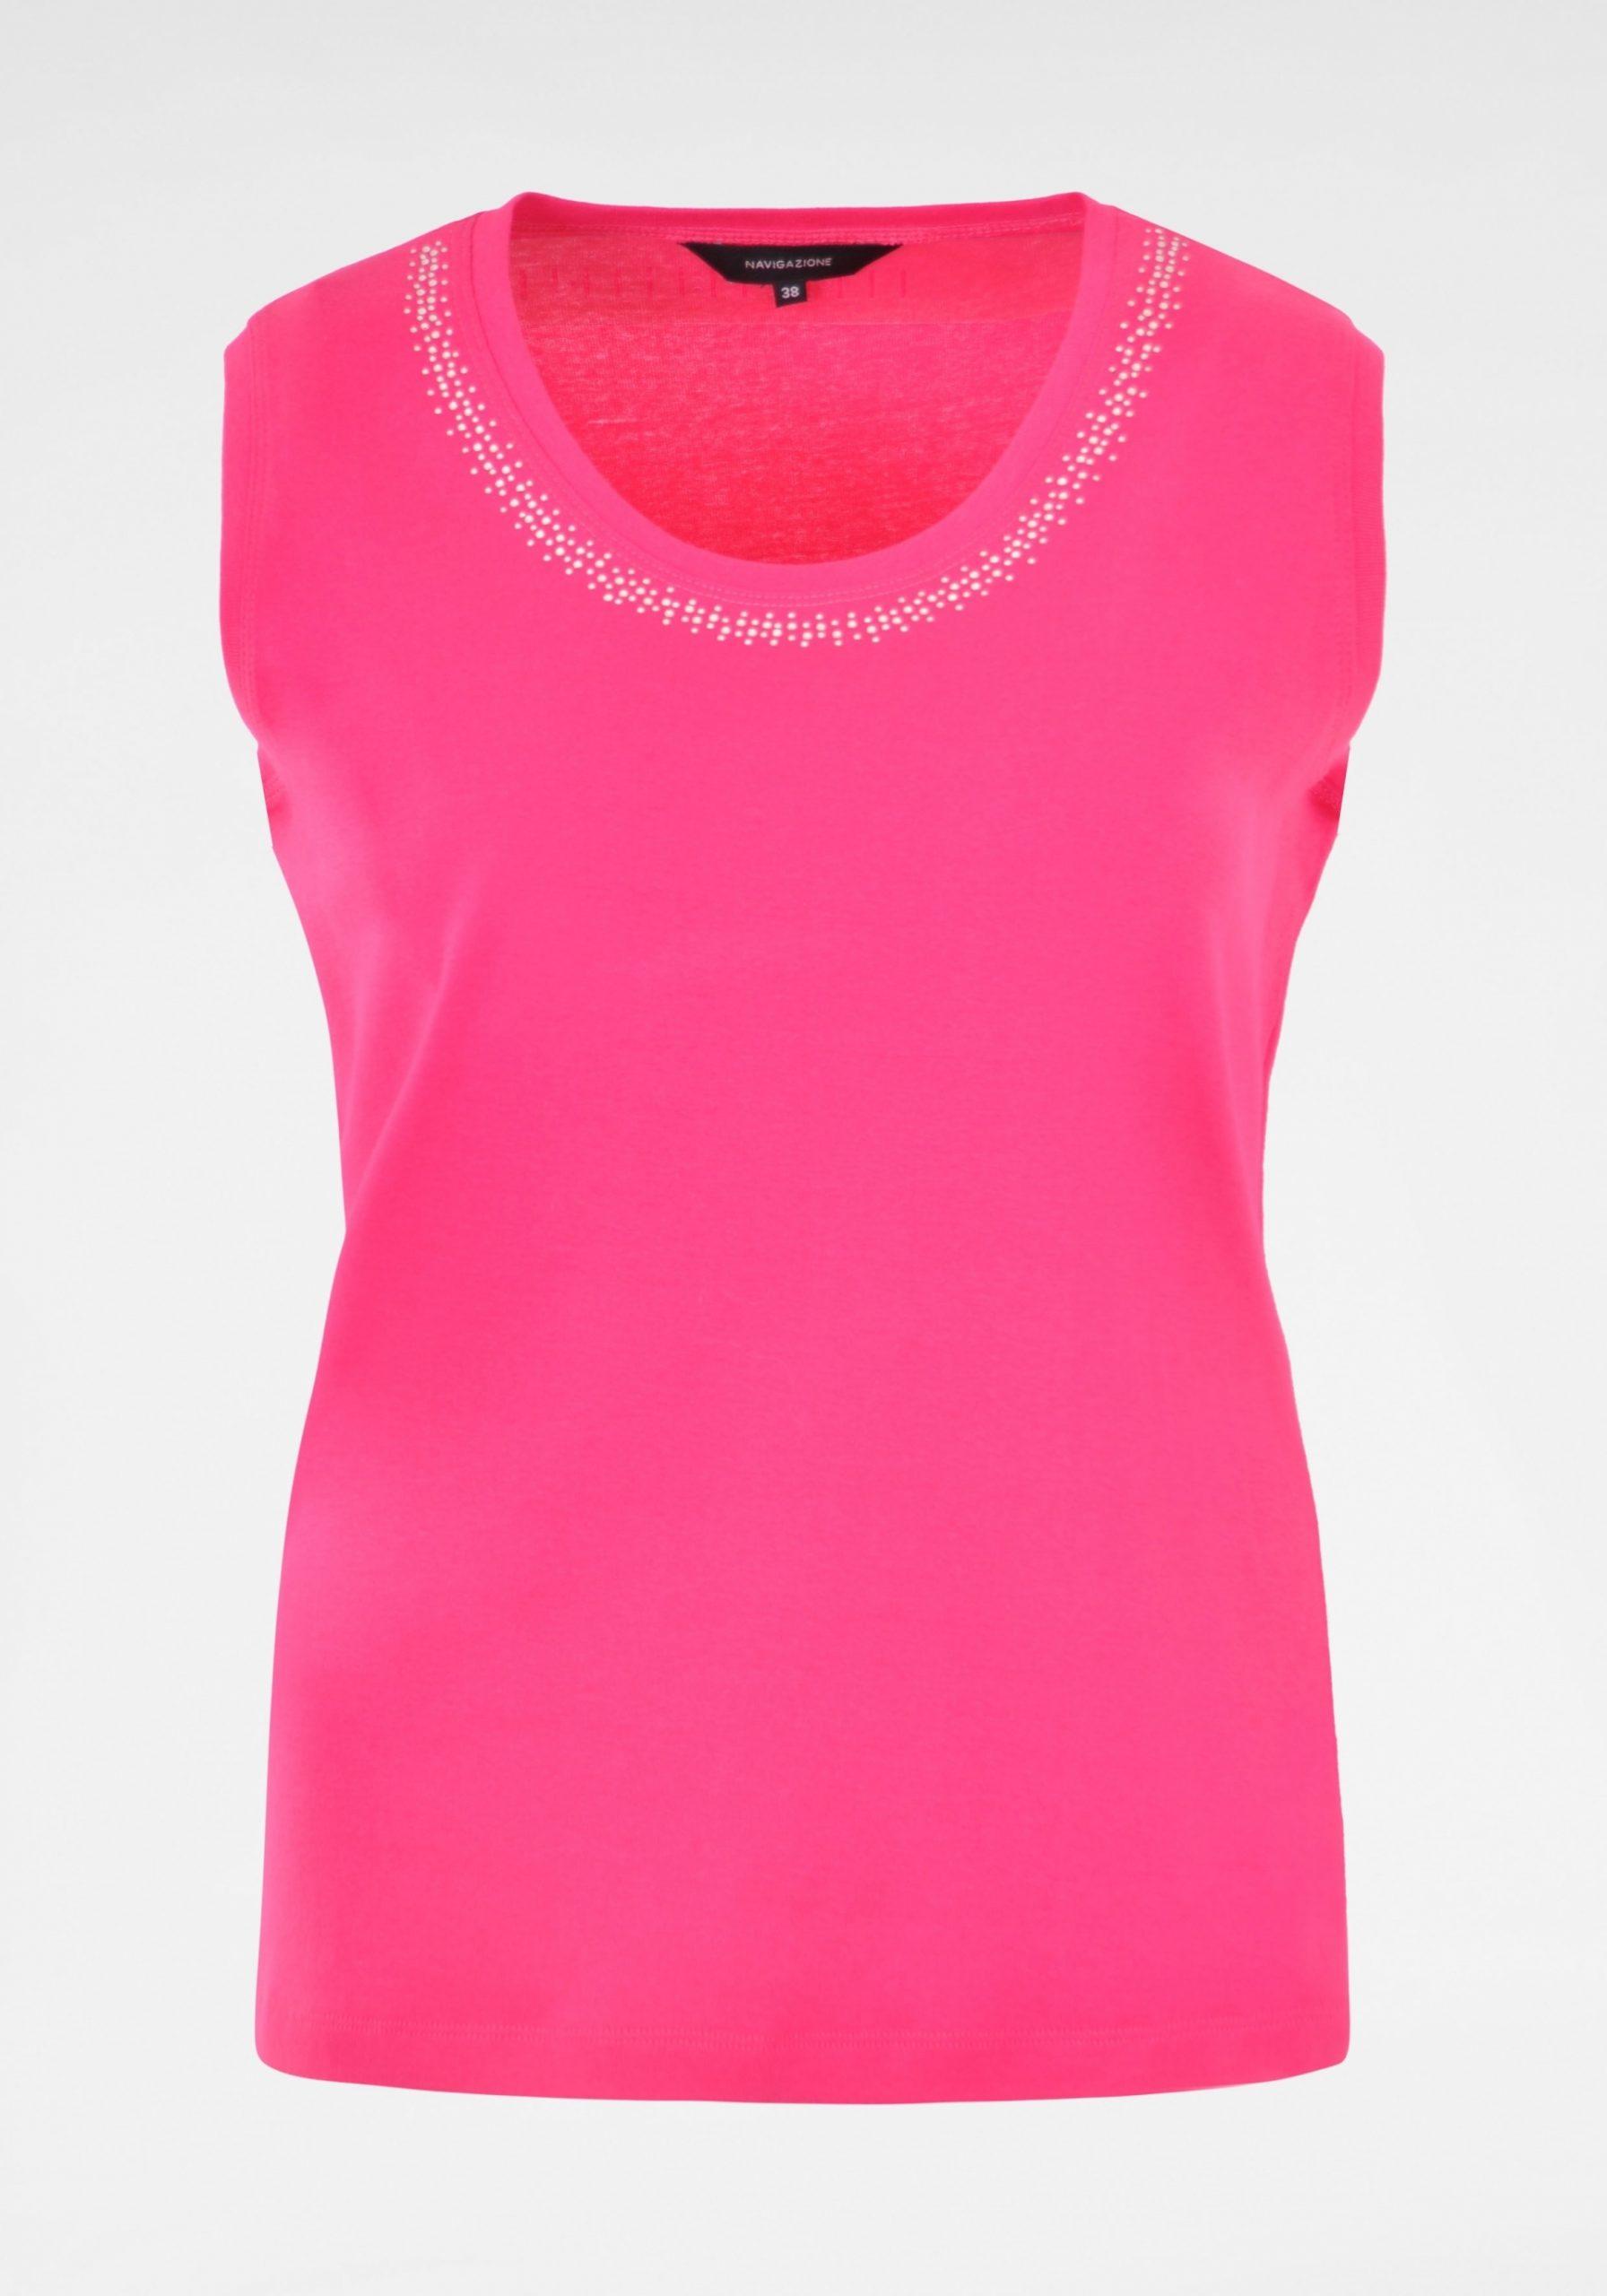 Top mit Steinchenverzierung Damen pink